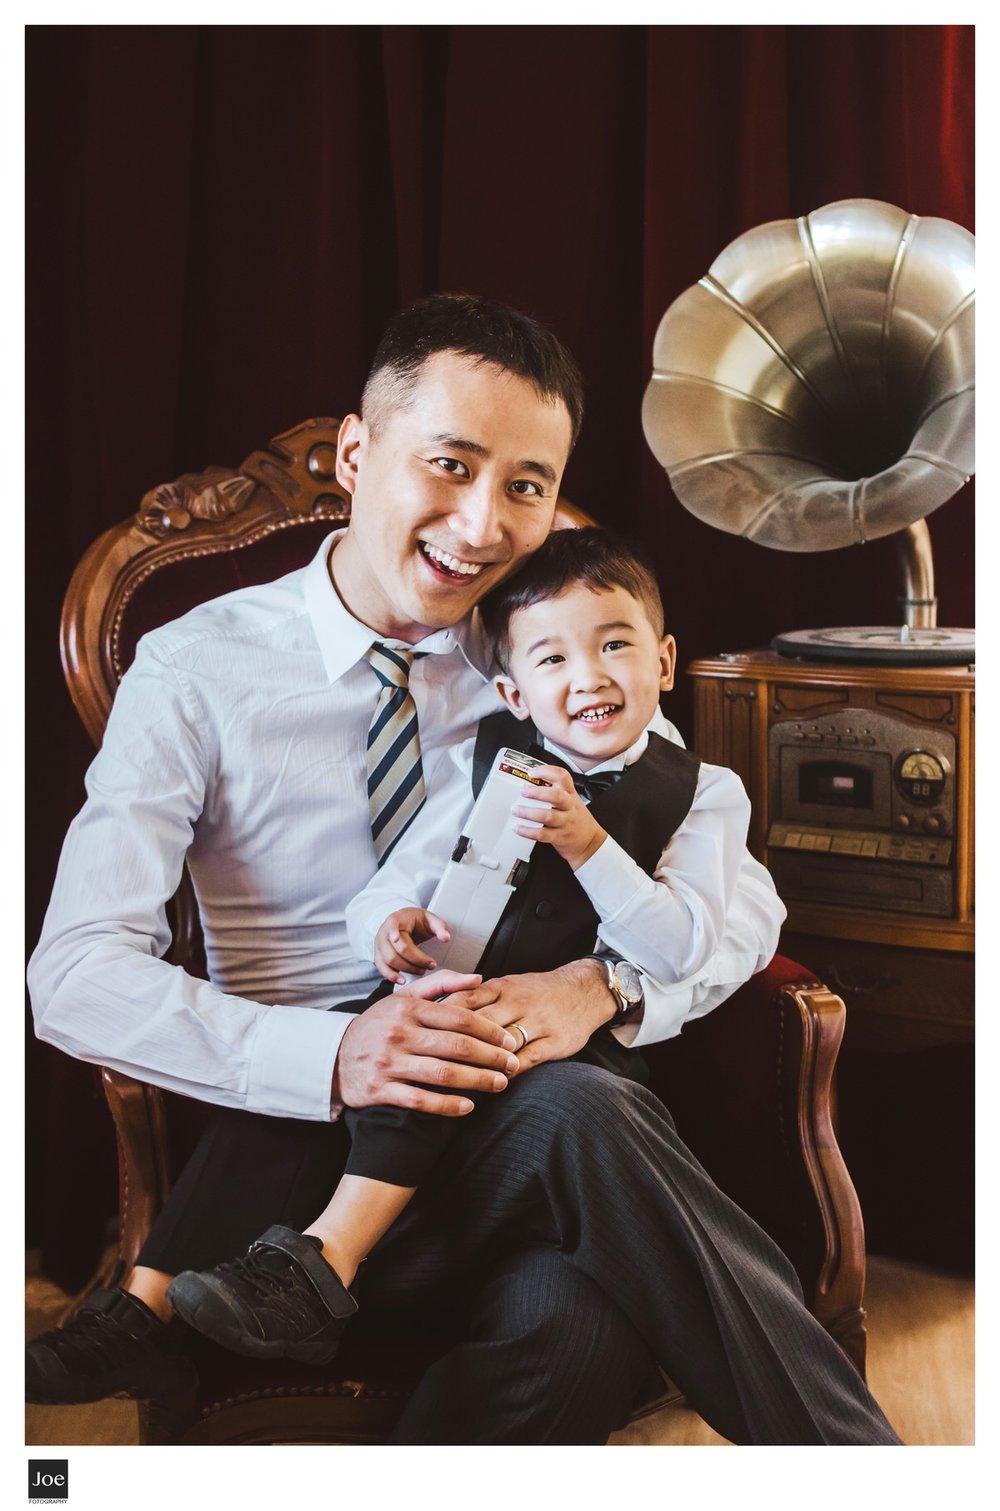 joe-fotography-family-photo-012.jpg